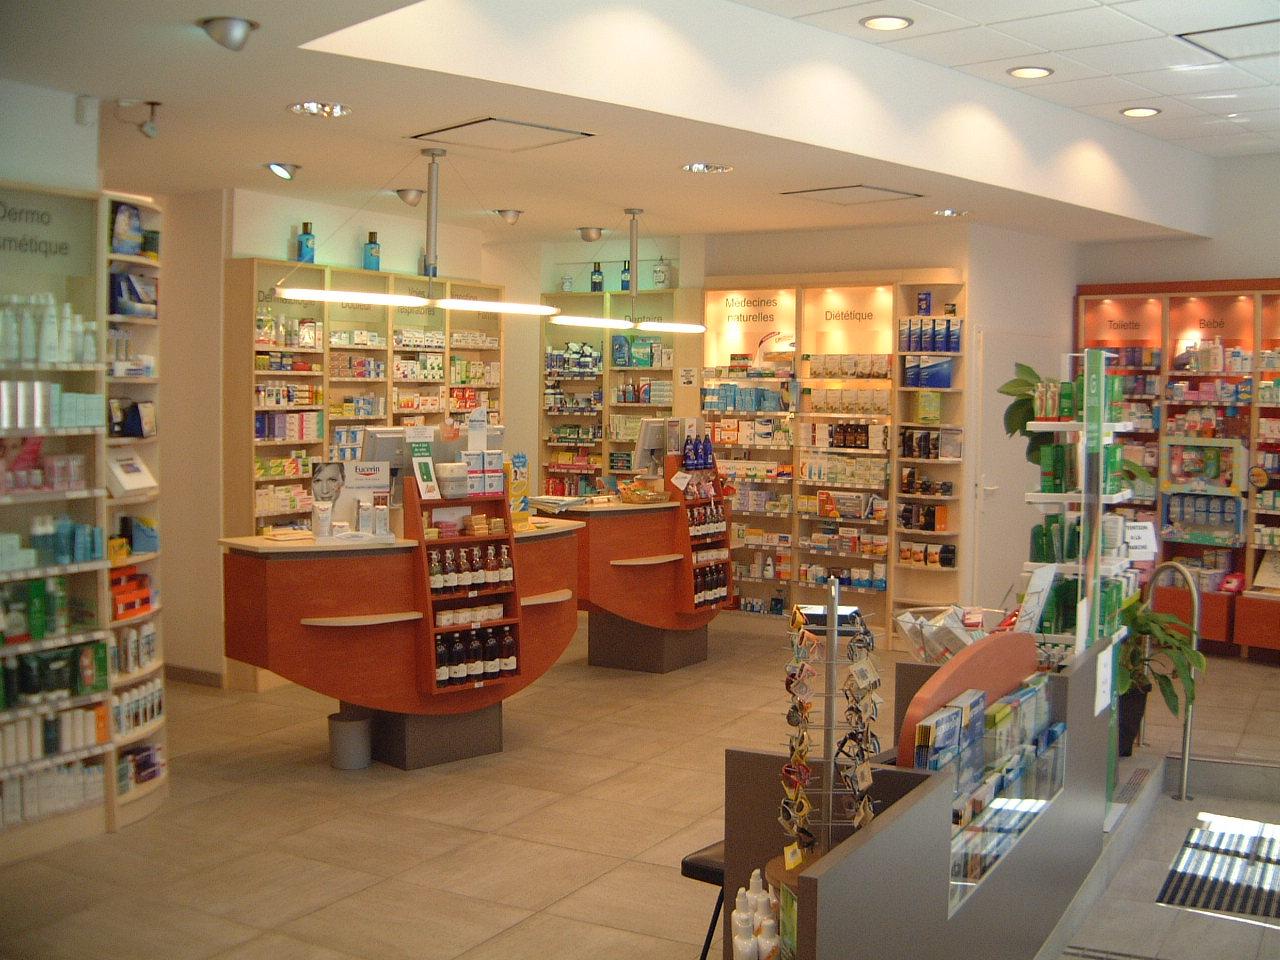 Etudions une ville fran aise et ses endroits aller for Pharmacie de la piscine